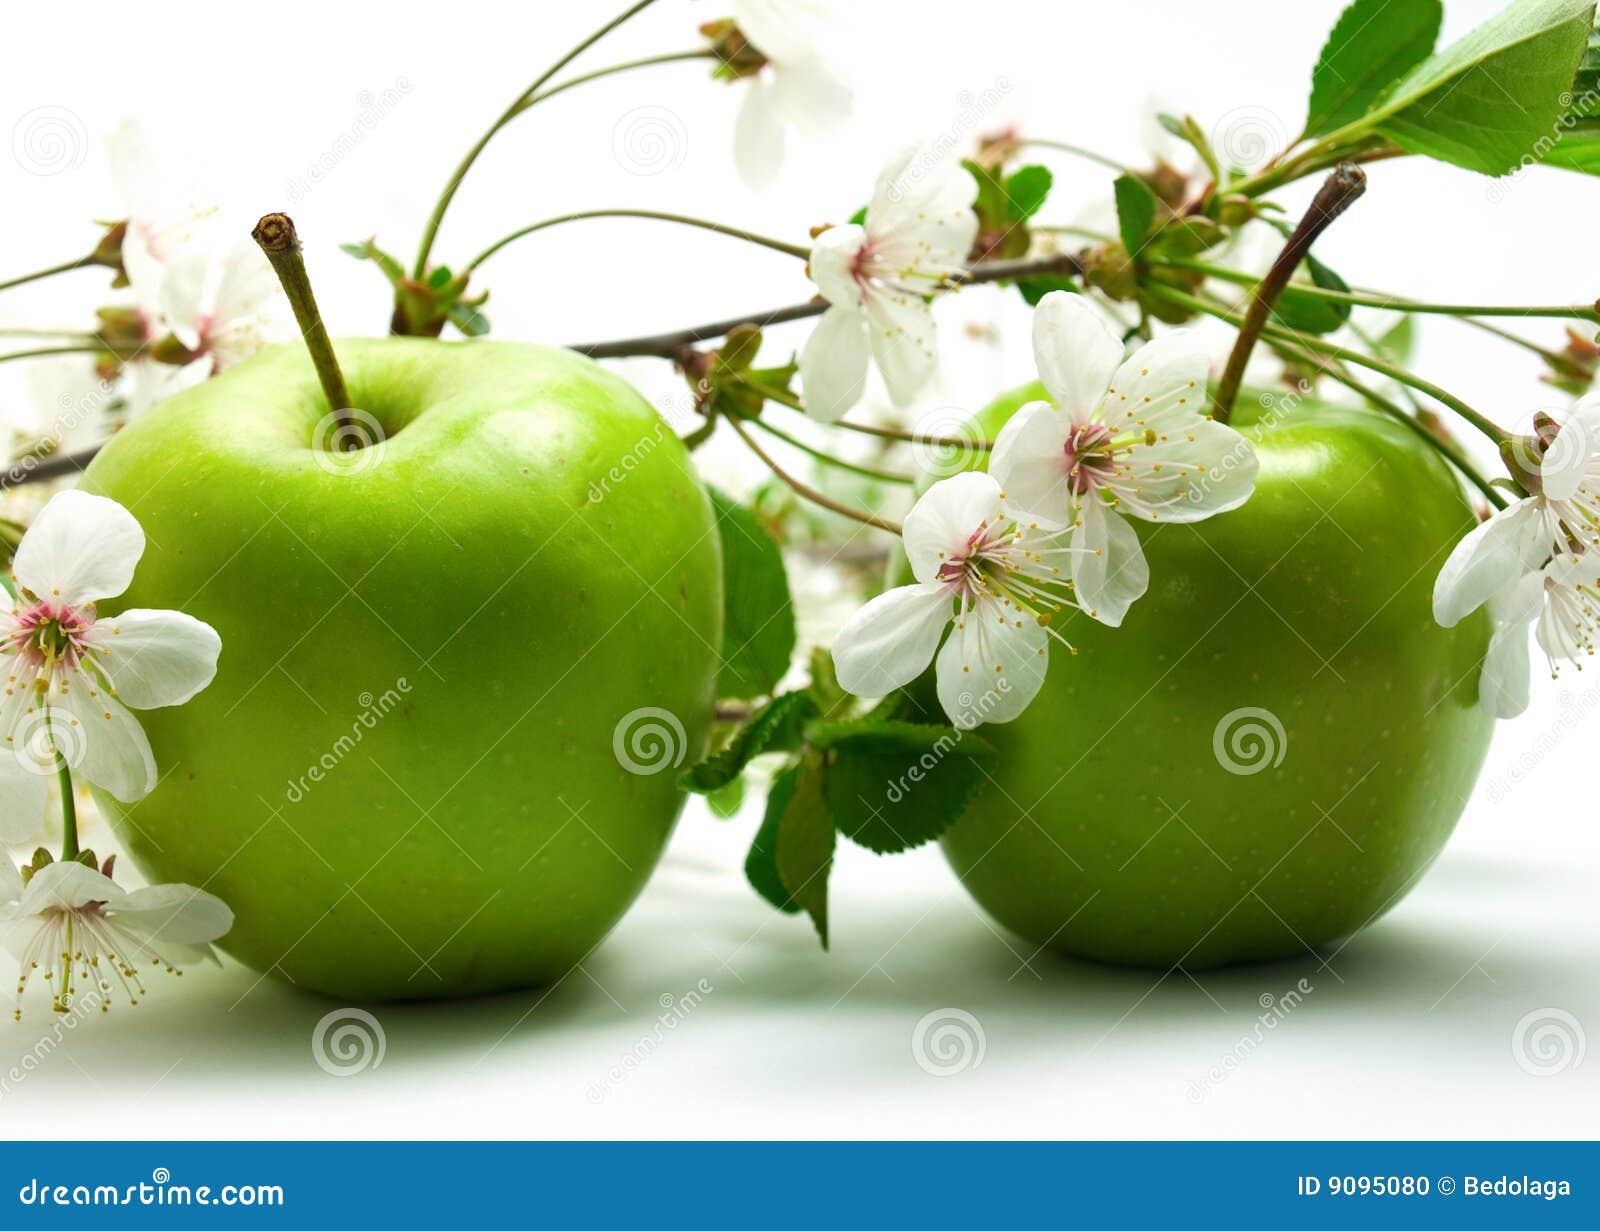 Mele e fiori verdi fotografia stock immagine 9095080 for Fiori verdi